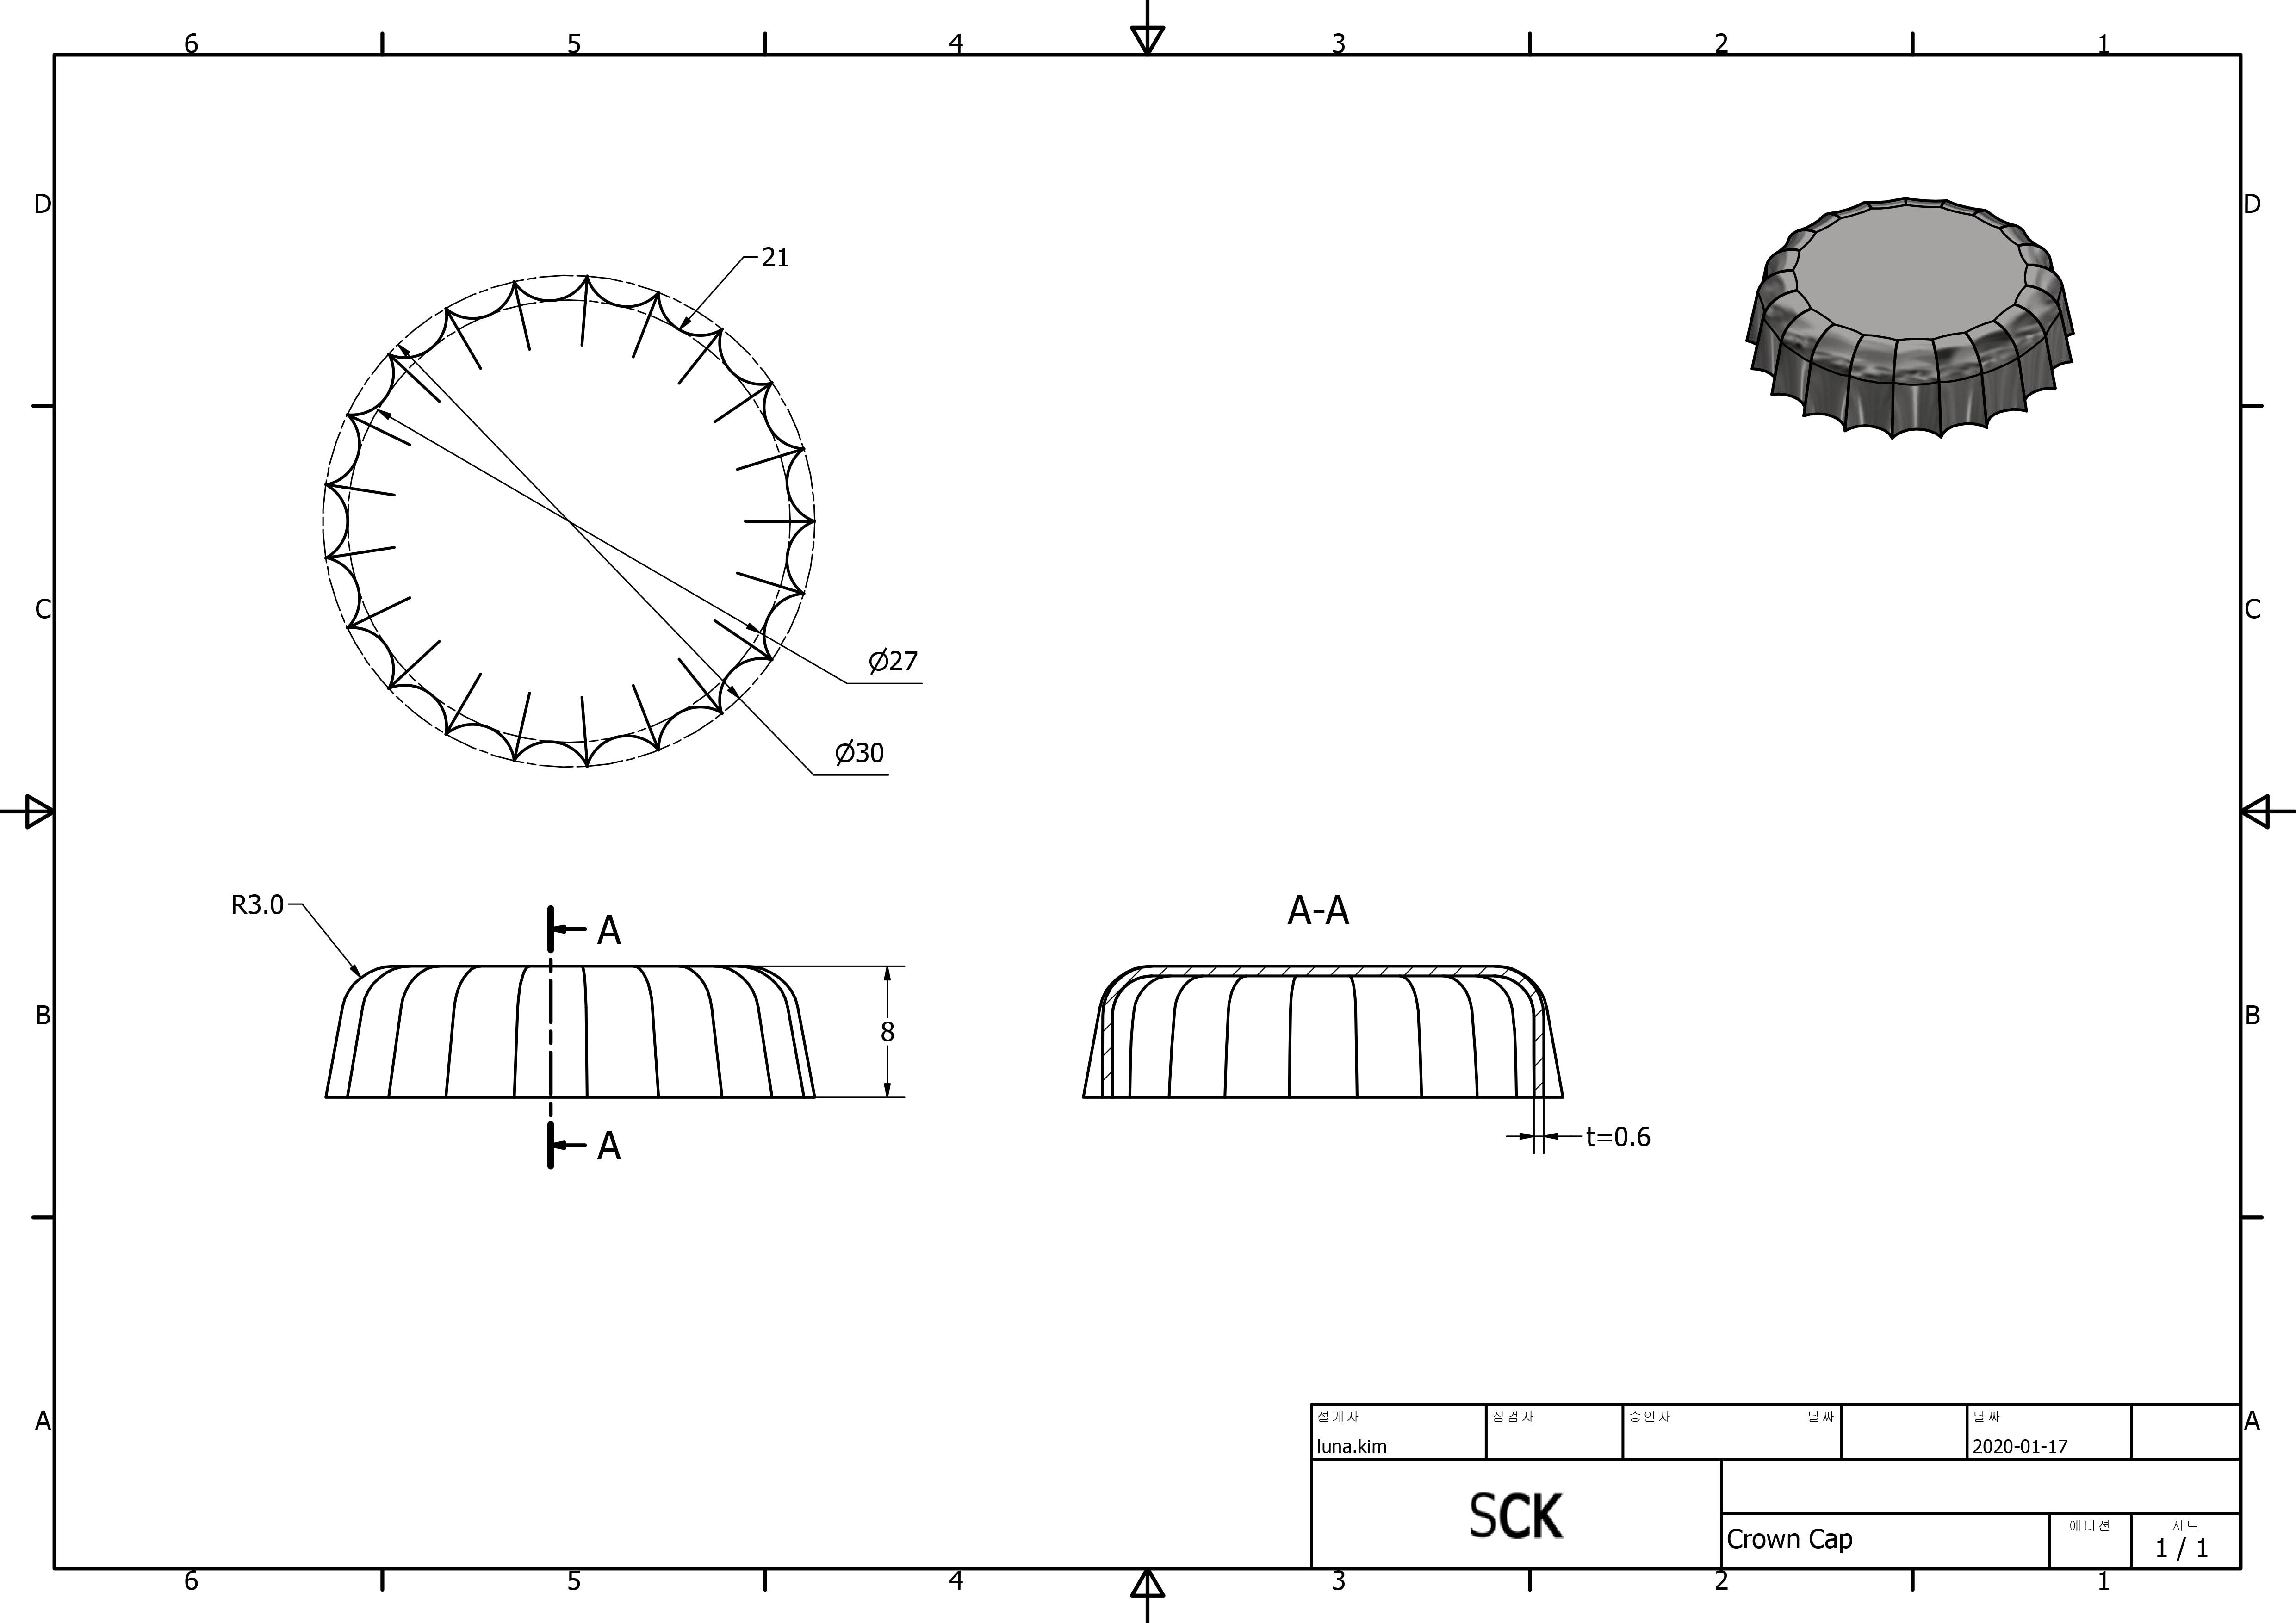 4. 패치와 조각 기능으로 병뚜껑 (Crown cap) 모델링하기